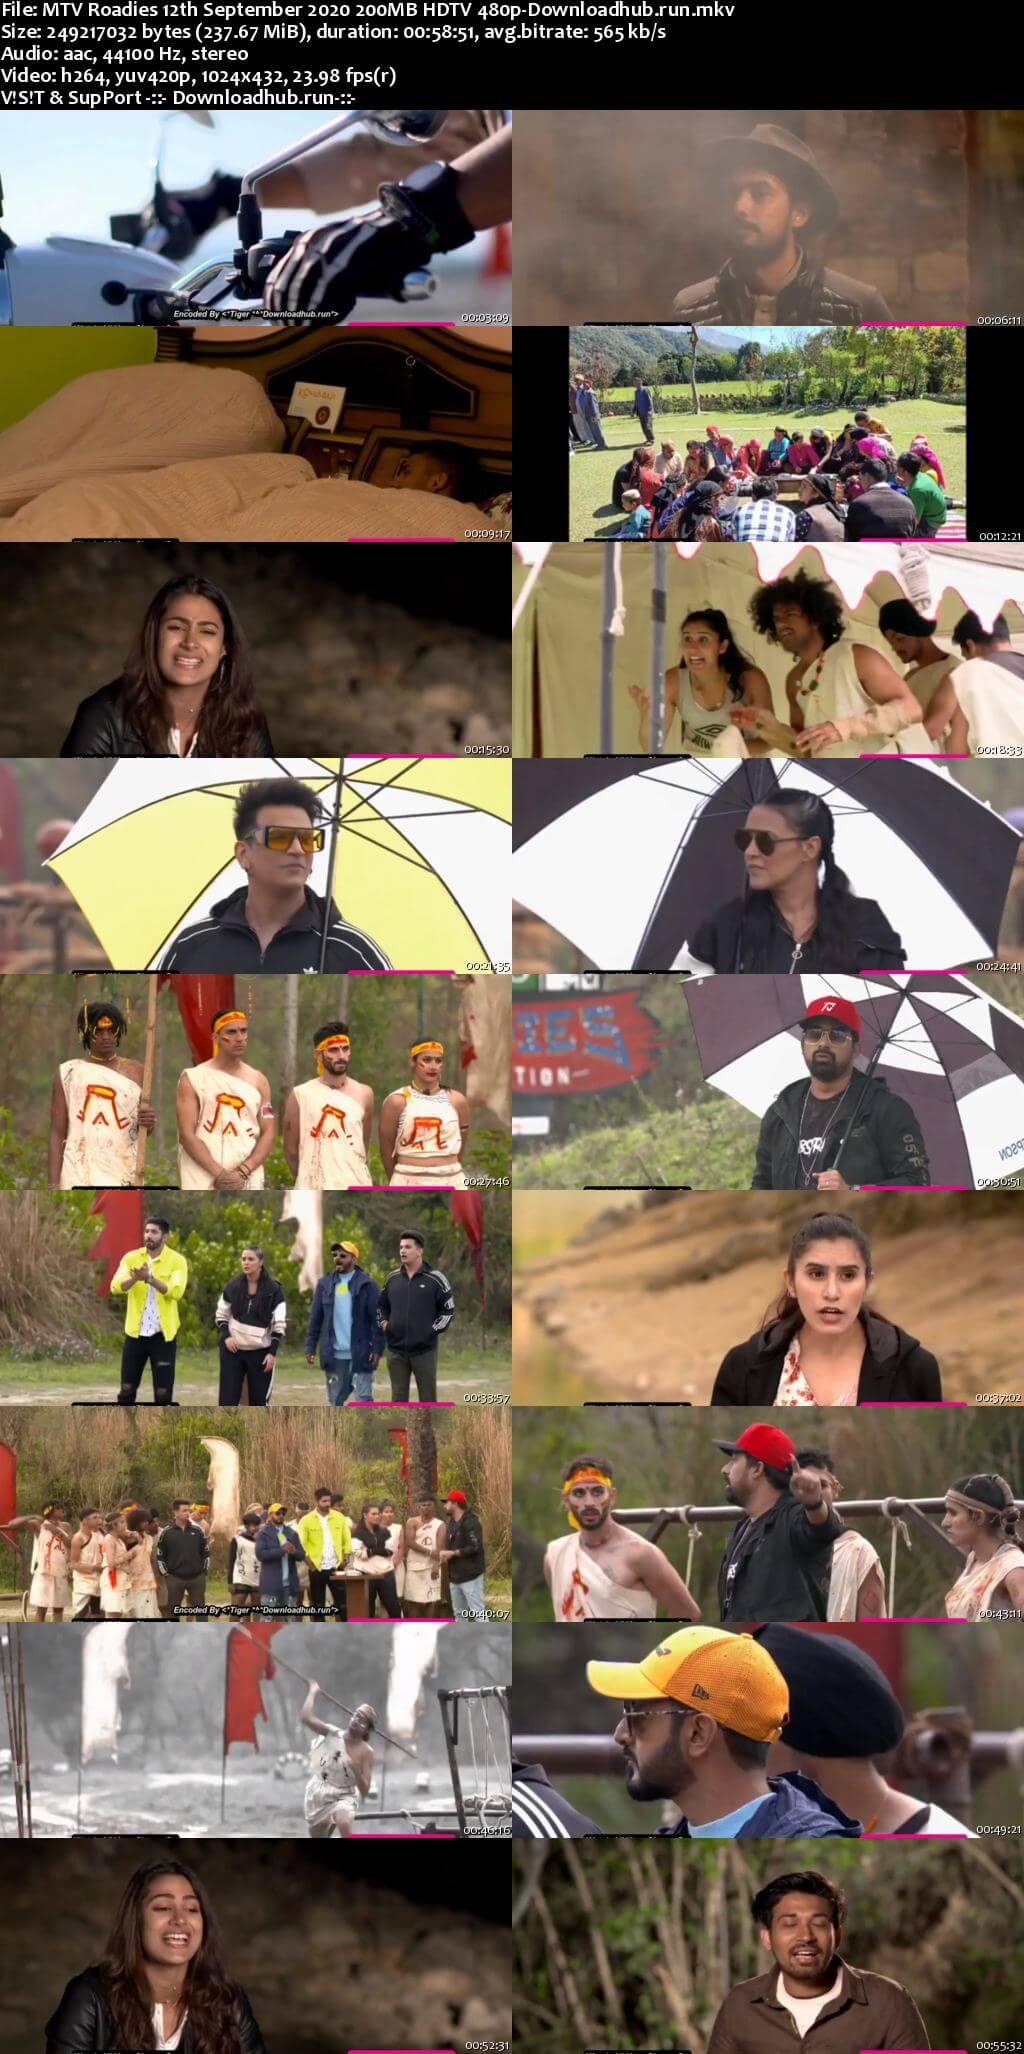 MTV Roadies 12th September 2020 200MB HDTV 480p